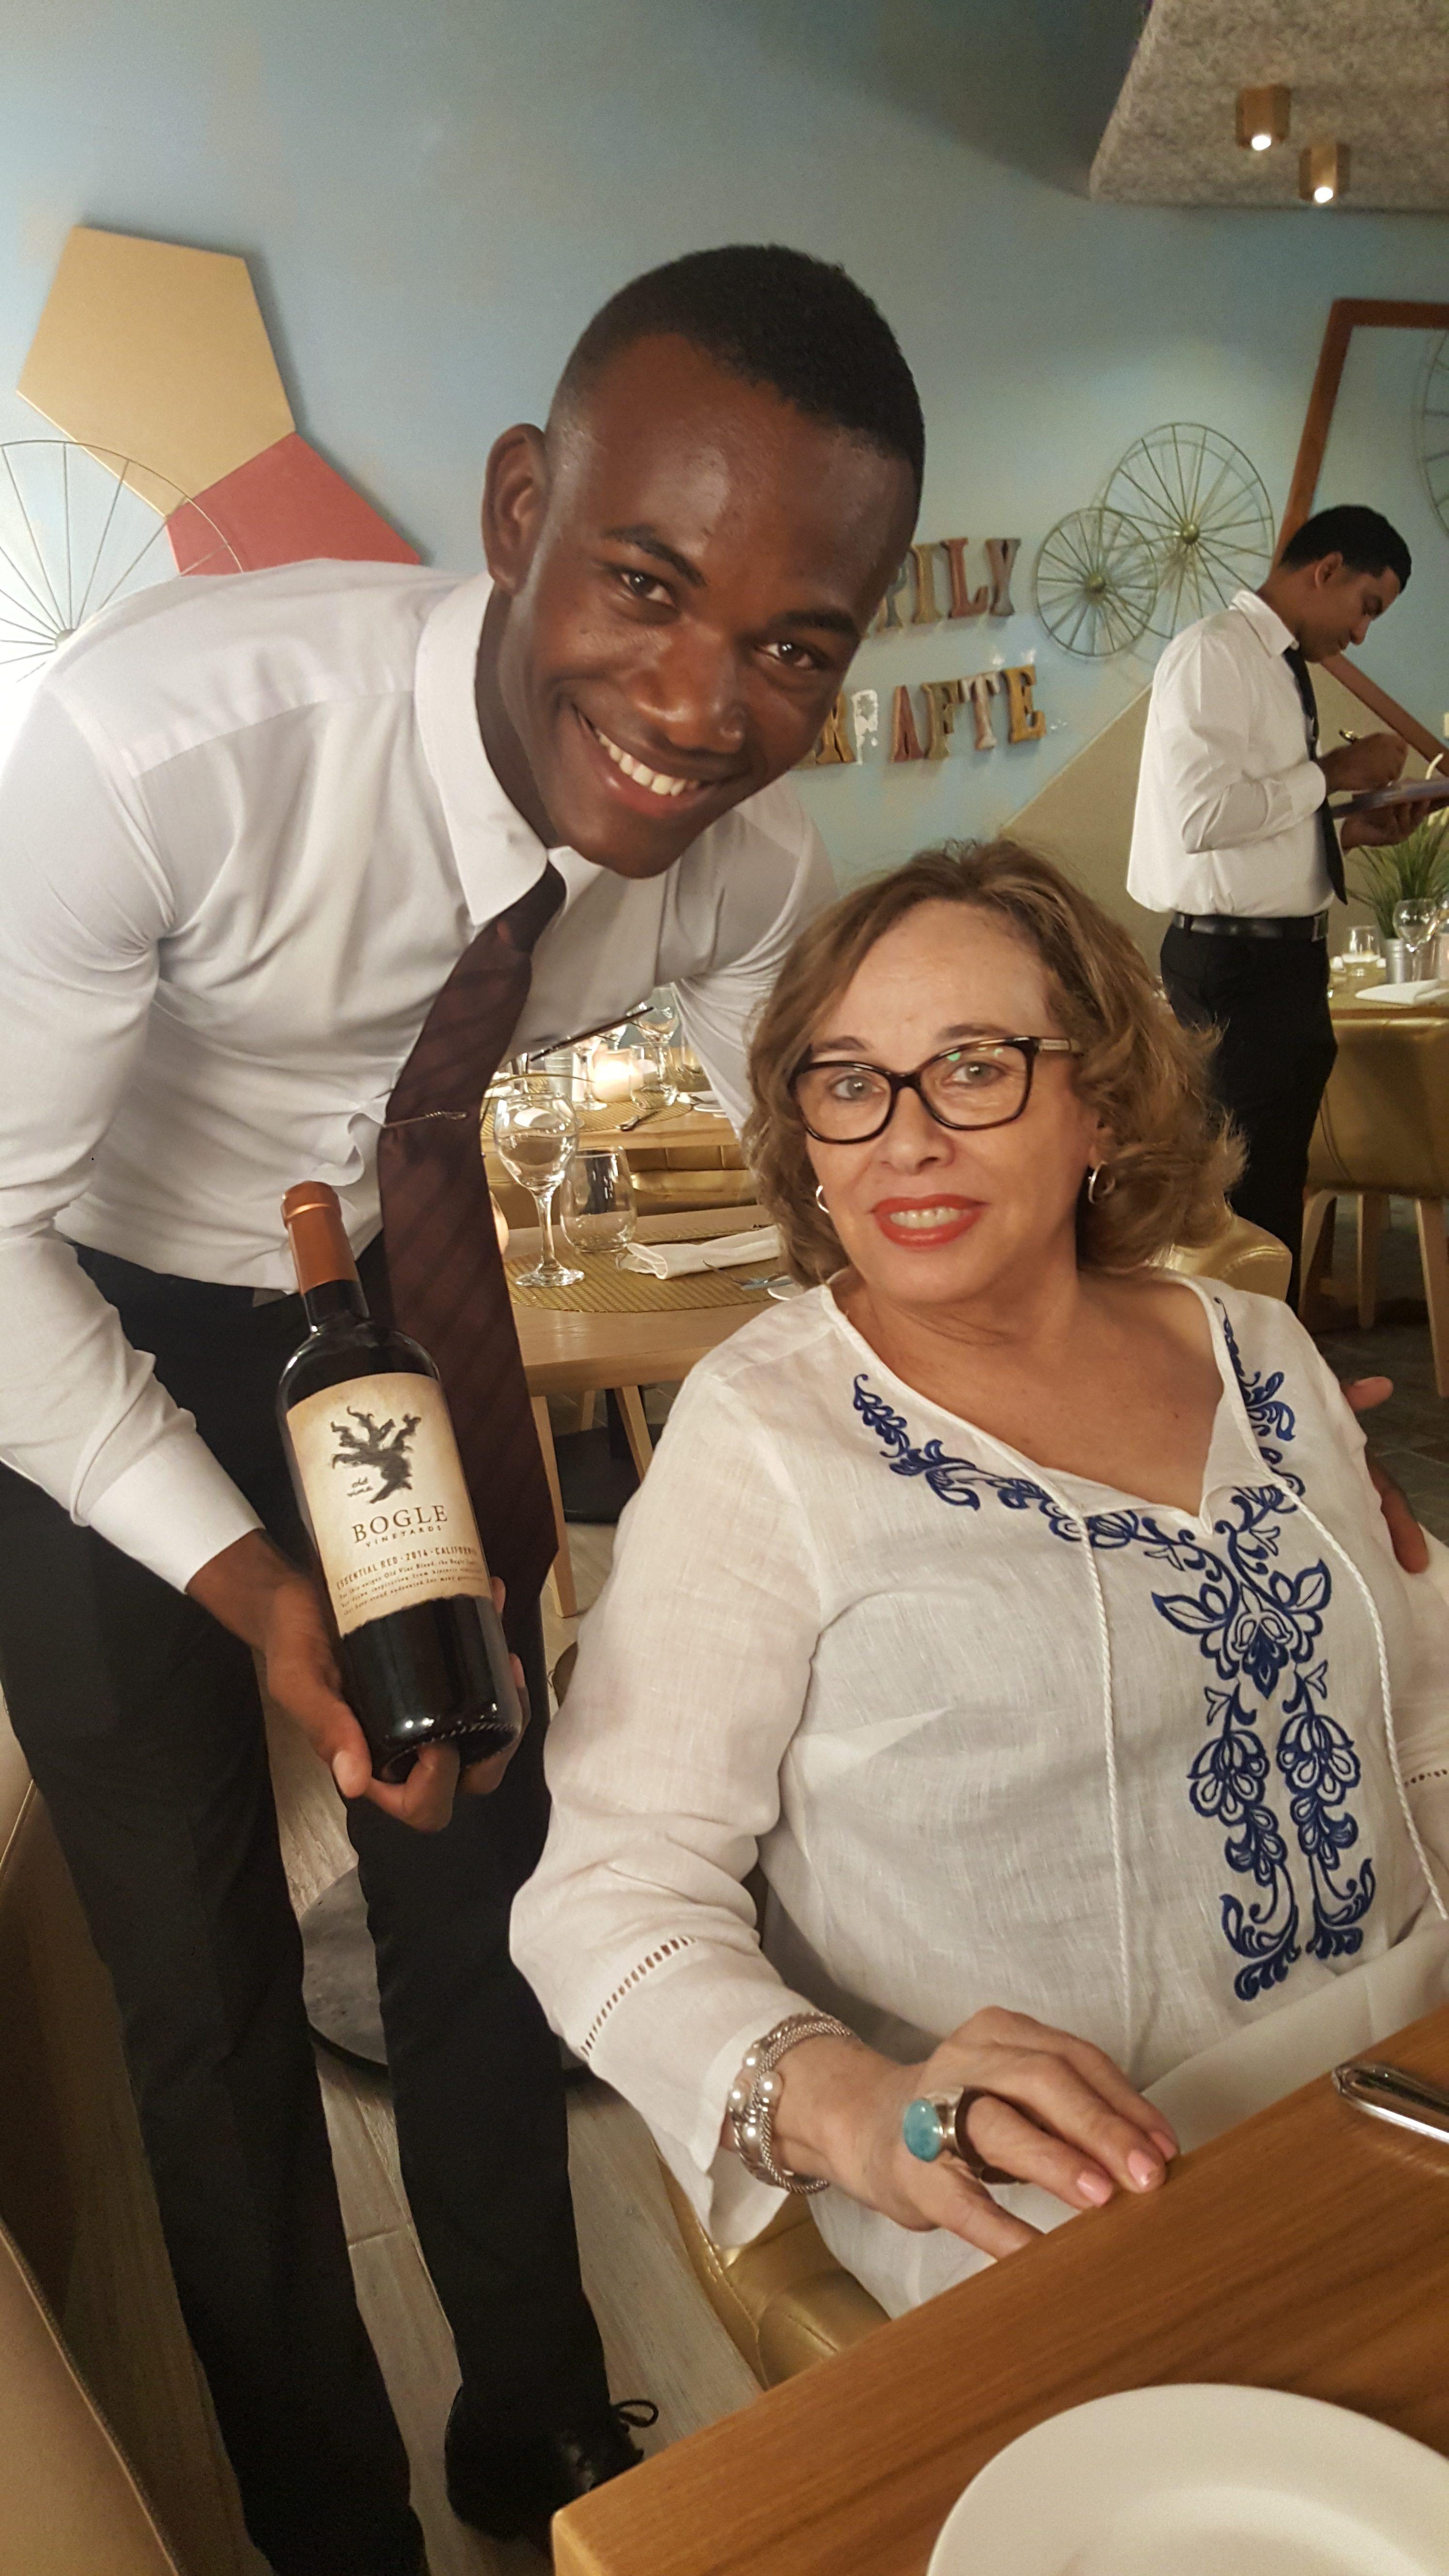 Mi madre y uno de los atentos camareros